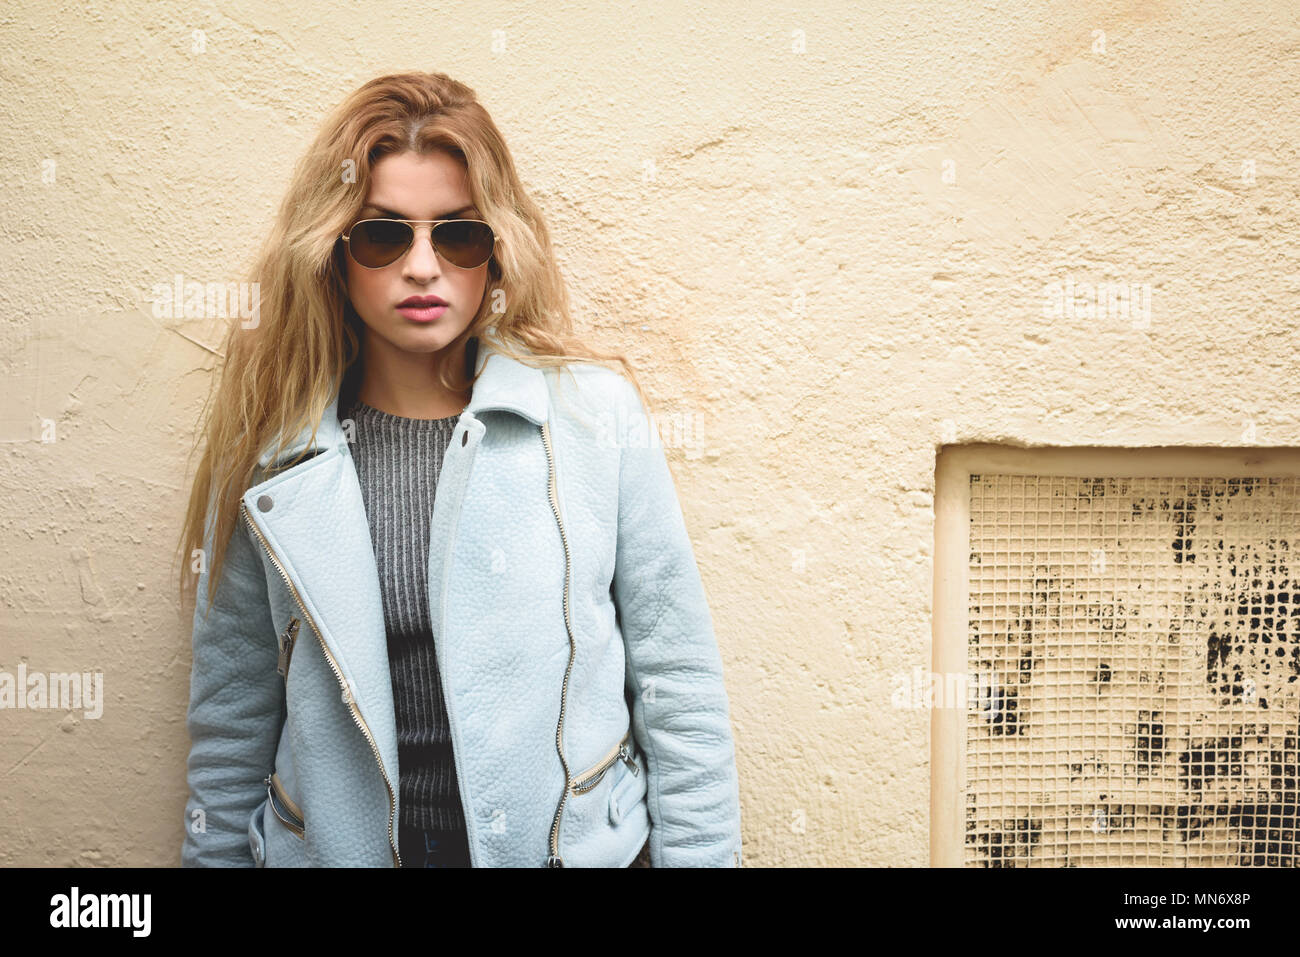 88eaa7b43 Retrato de joven y bella mujer rubia con el pelo rizado. Vestida de chaqueta  de cuero